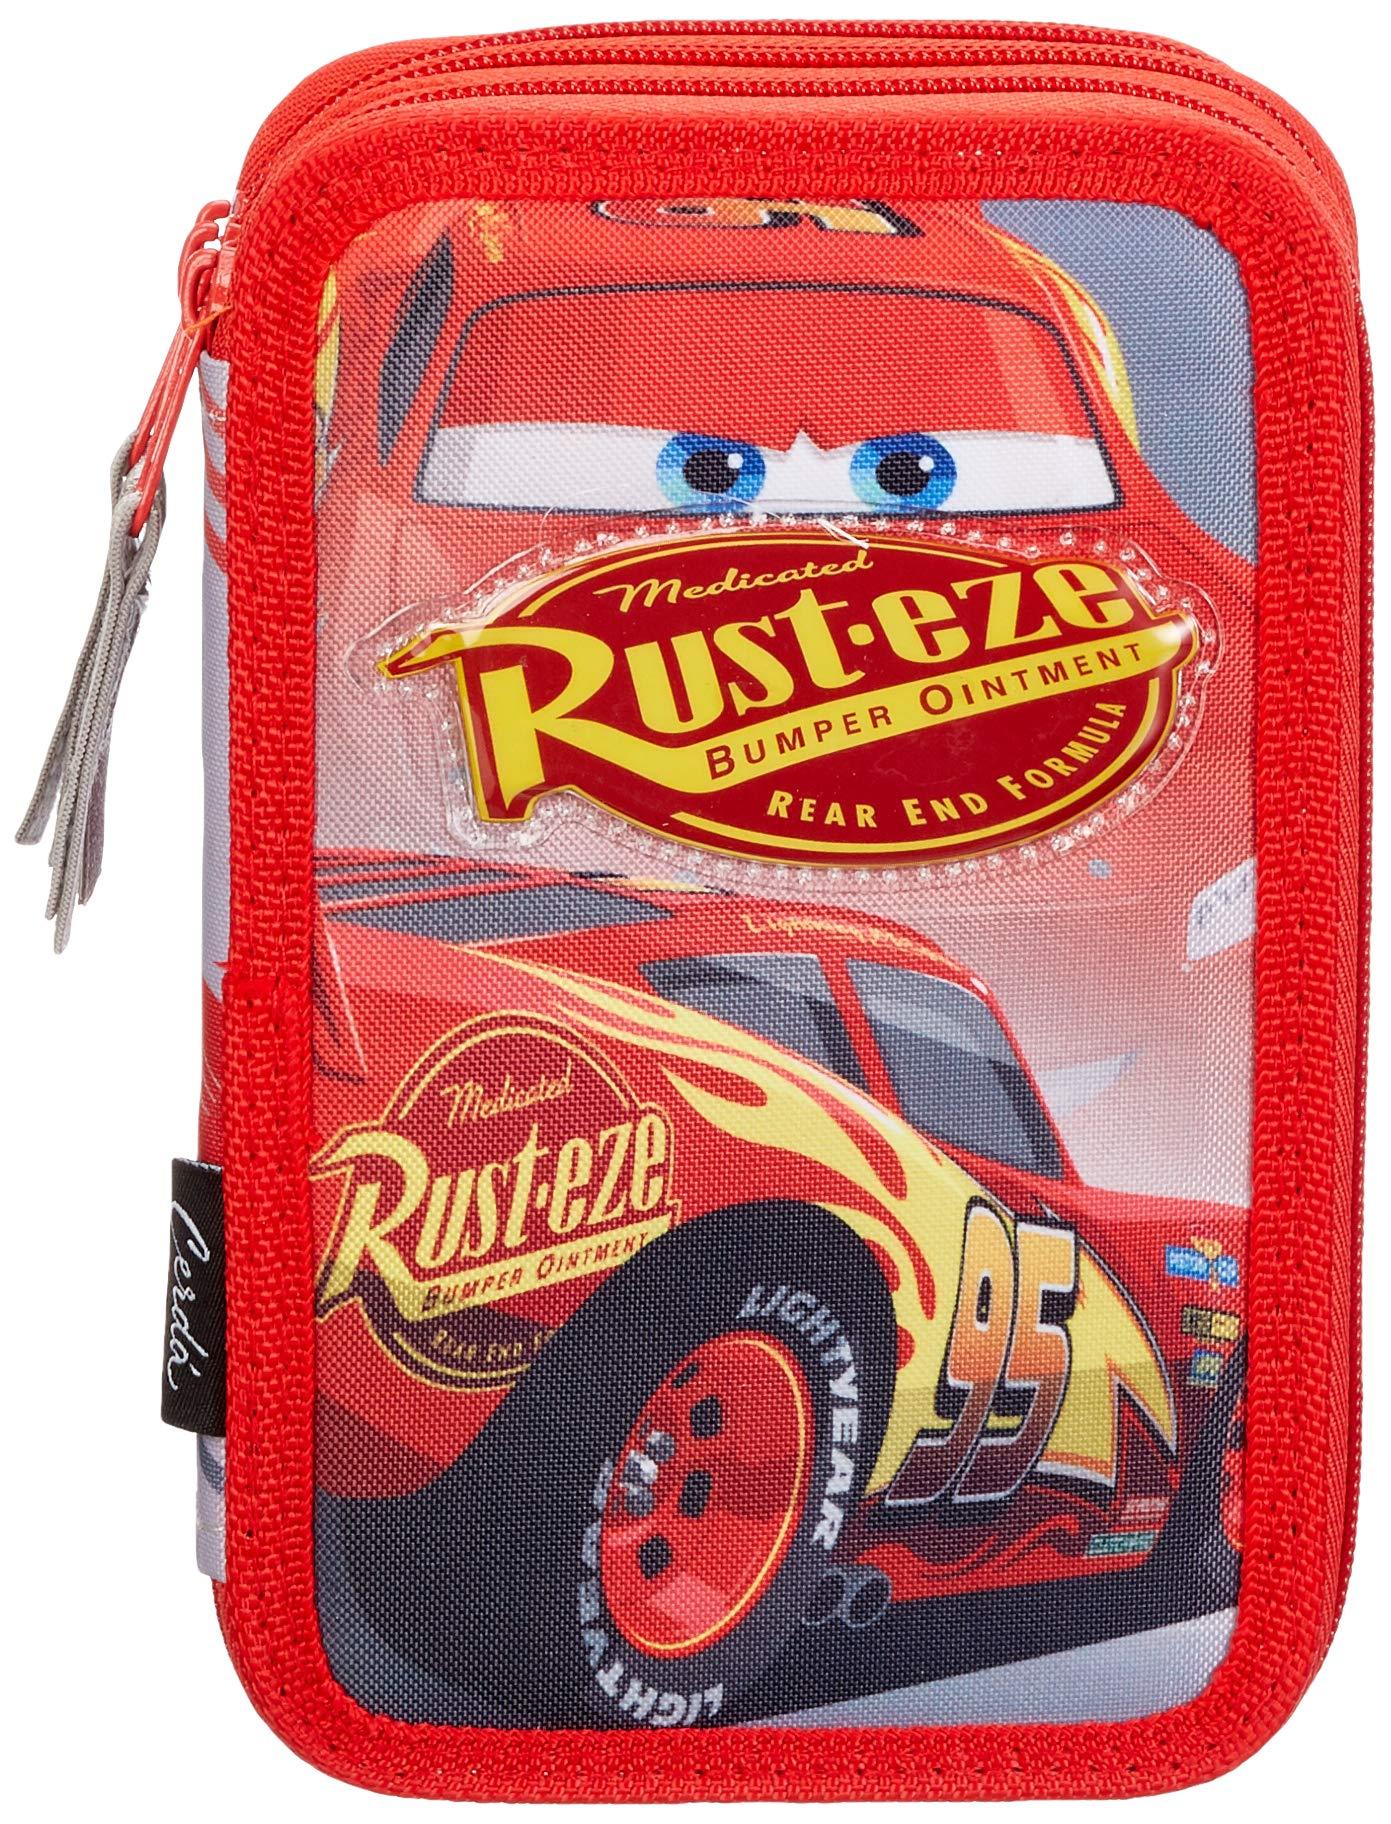 Cars Cars-CD-27-0225 Plumier, Multicolor, 19 cm (Artesanía Cerdá CD-27-0225)